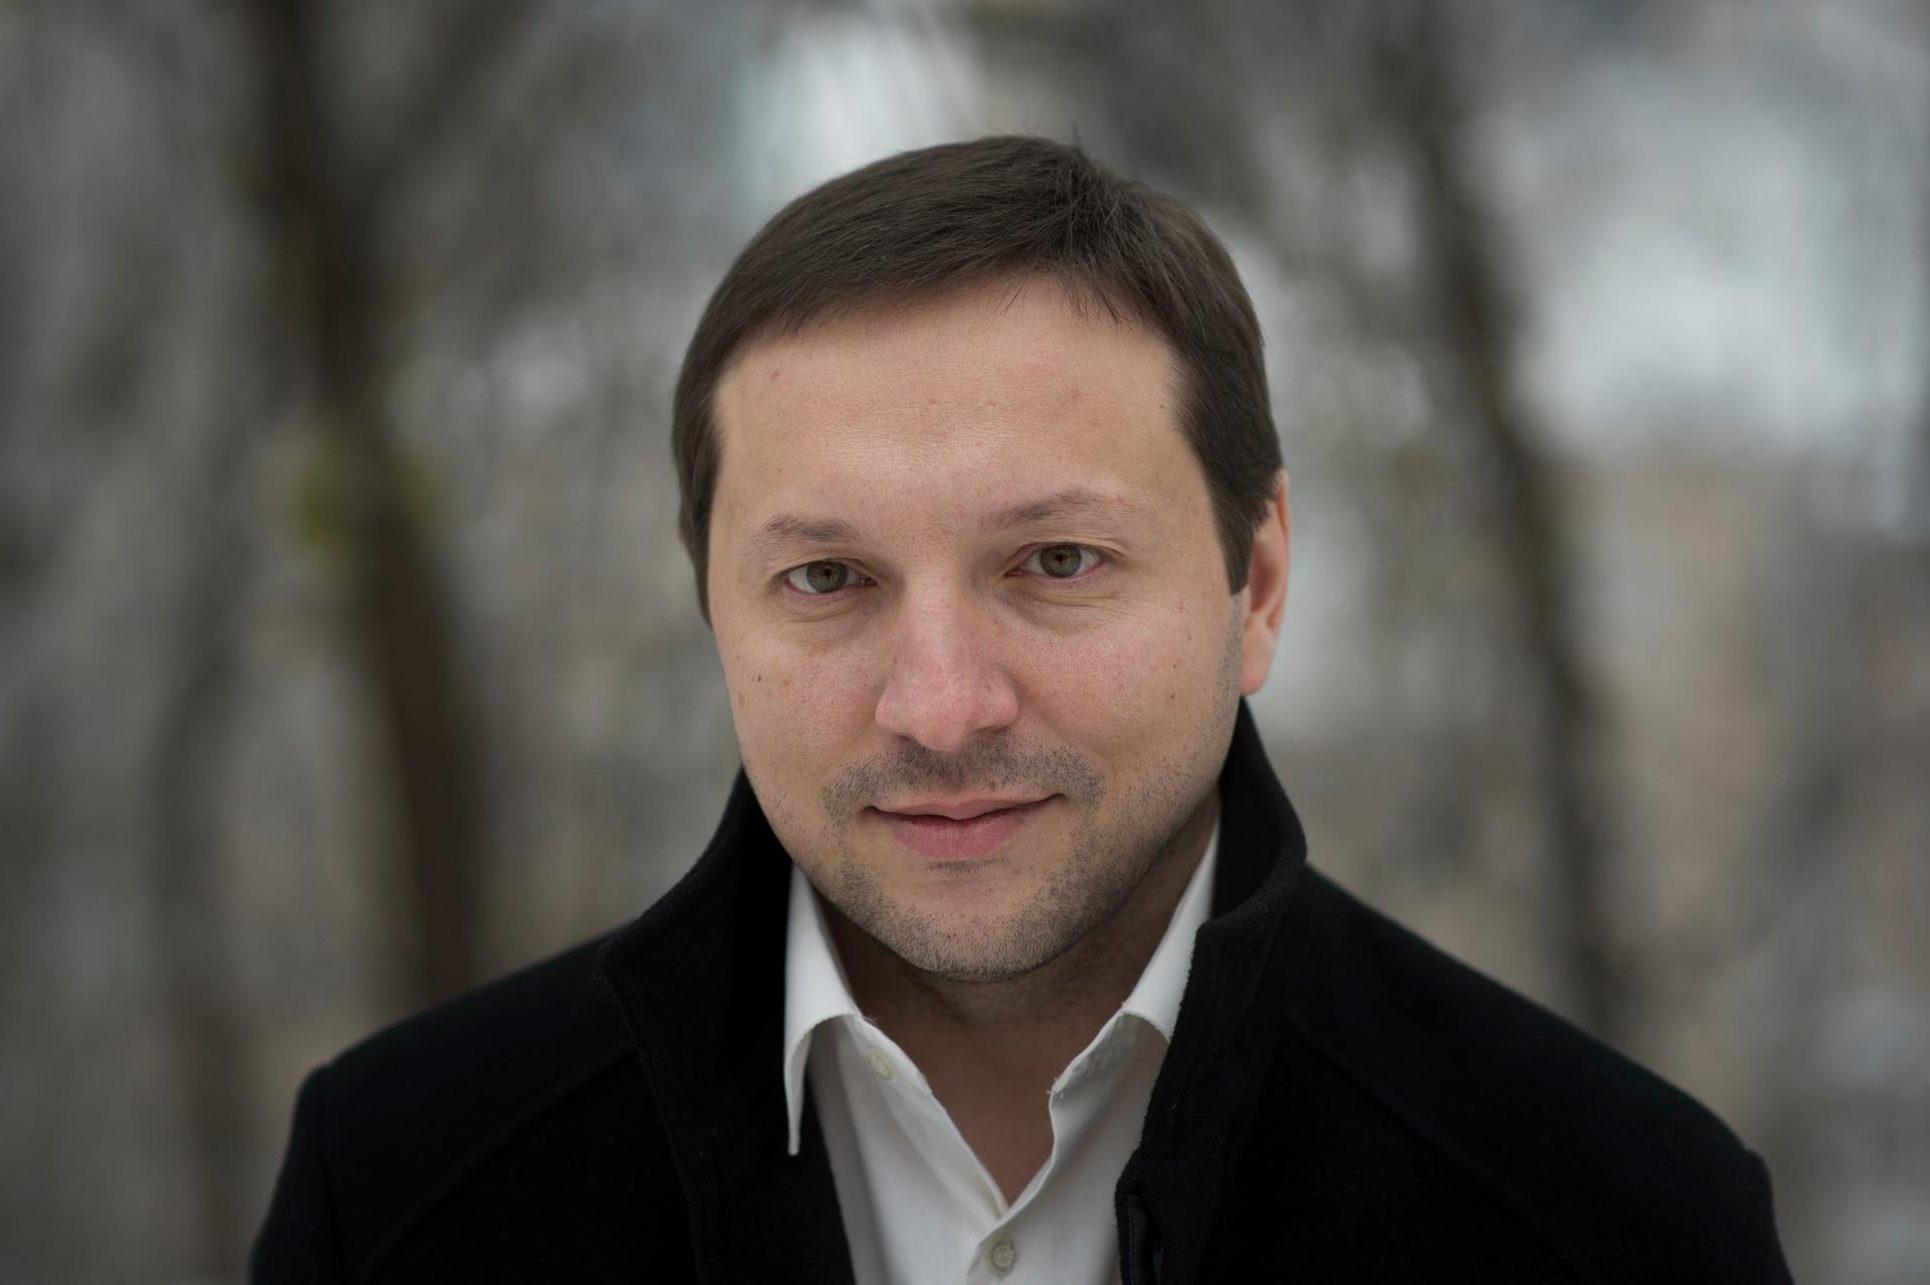 Ю.Стець написав заяву про відставку і передав її доВР